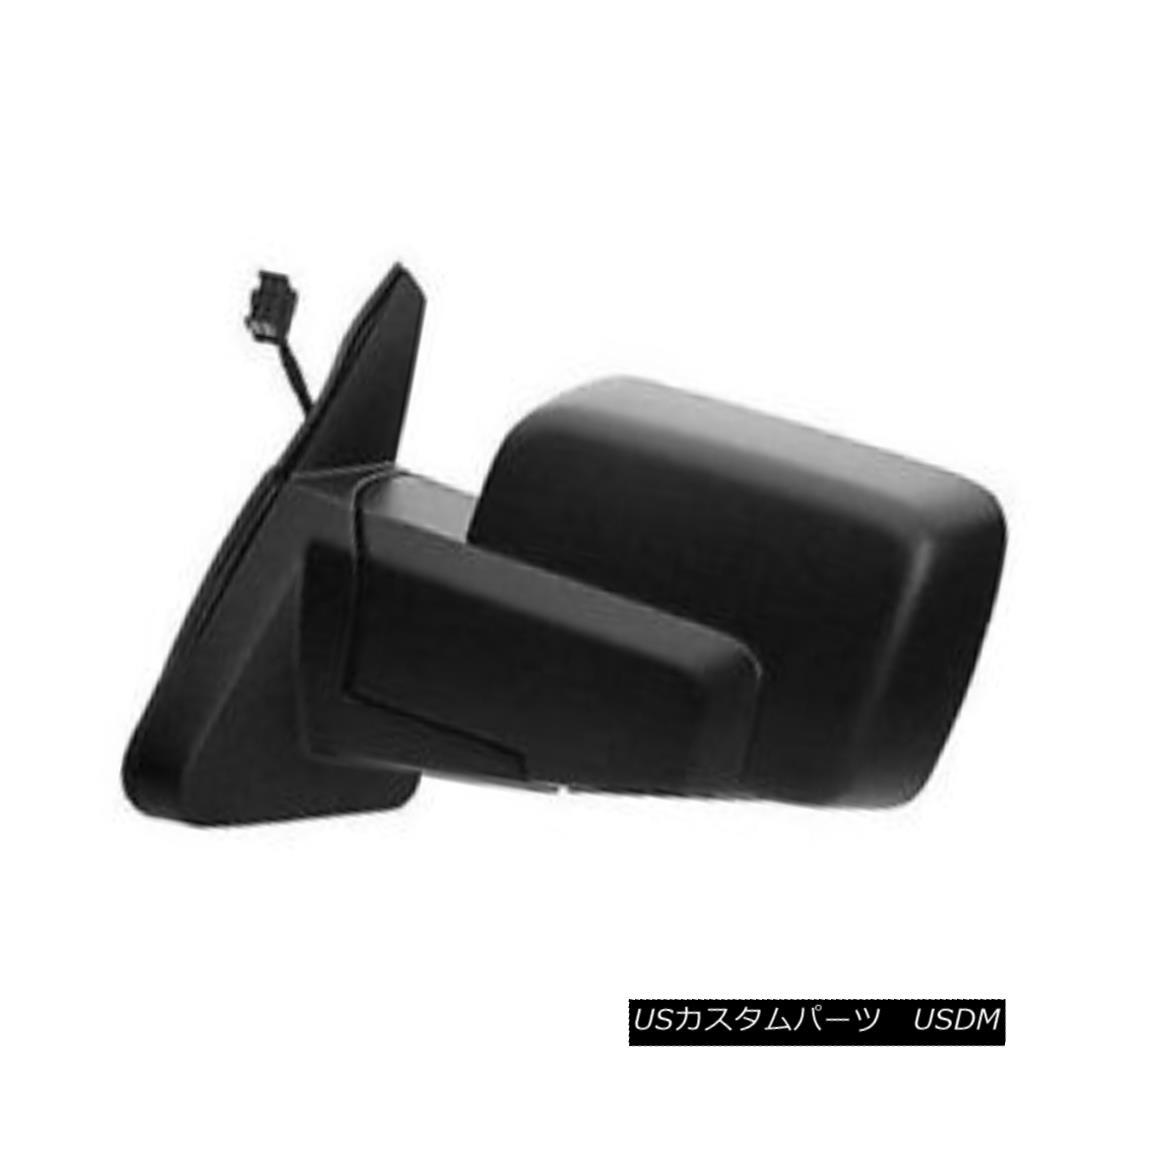 グリル New Left Driver Side Door Mirror Power Heated Without Memory 128-01444L メモリなしで加熱された新しい左ドライバサイドドアミラー128-01444L